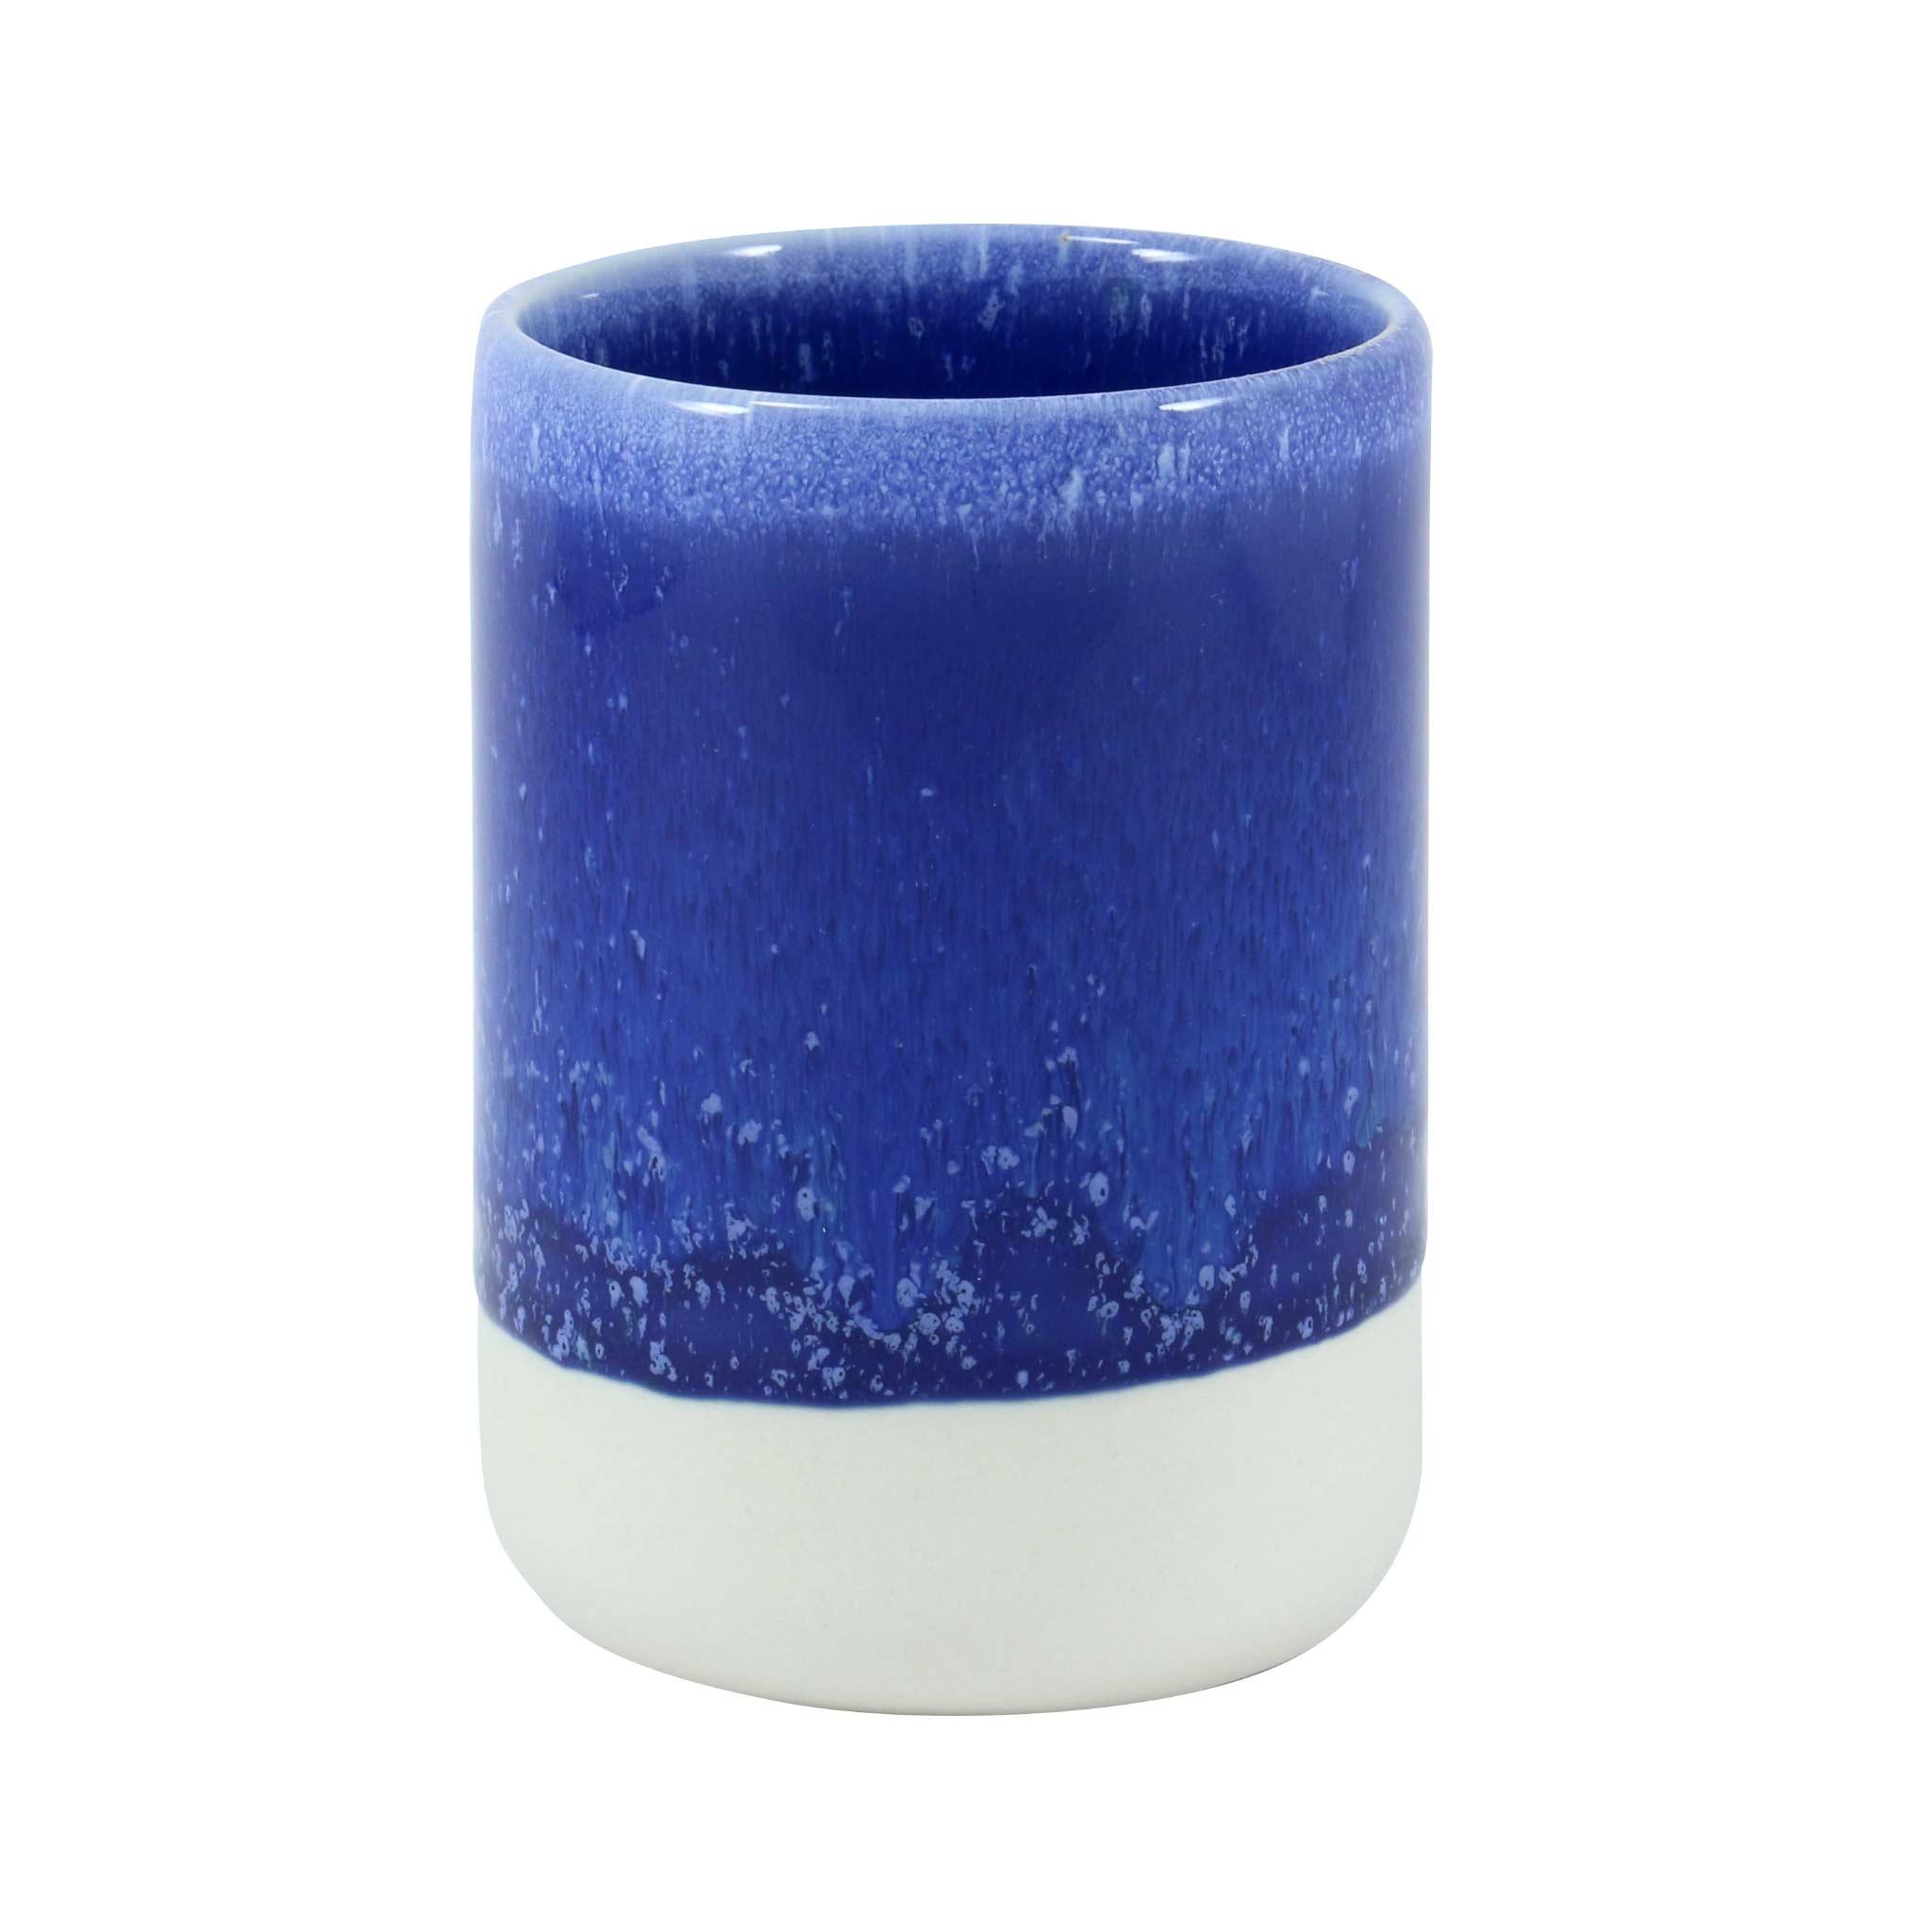 Studio Arhoj Slurp Cup Ultramarine